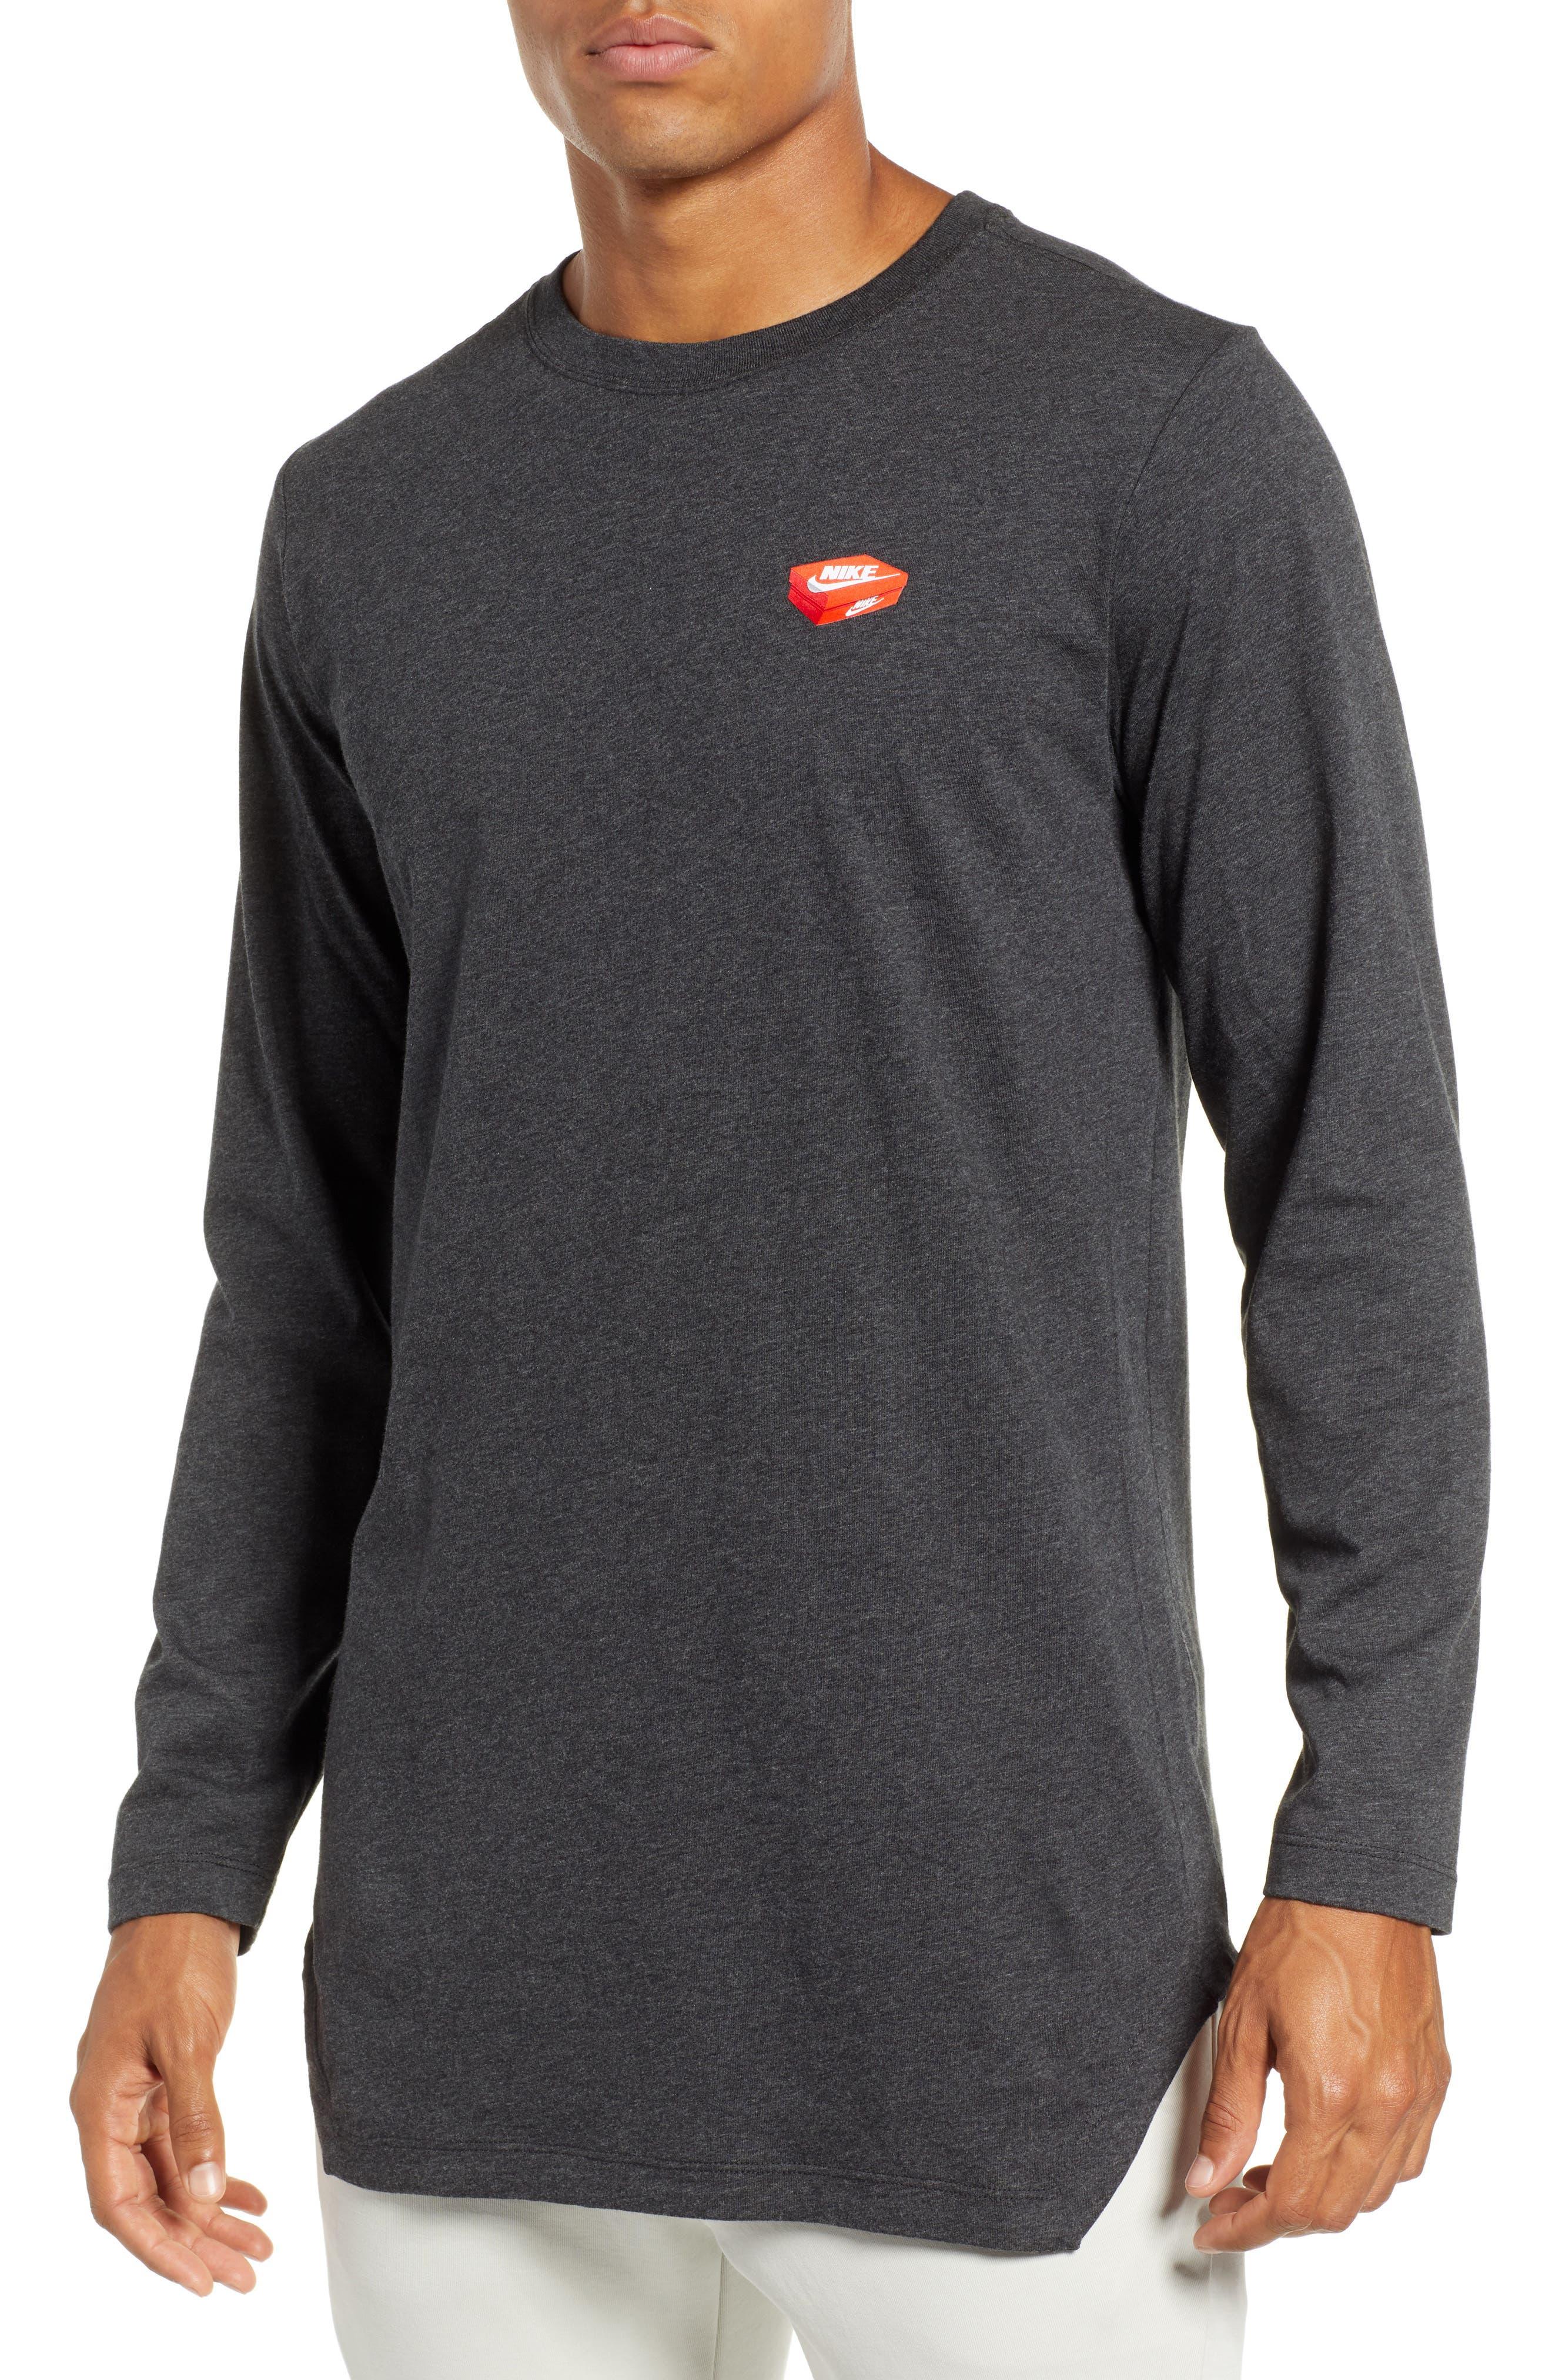 Nike Nsw Shoe Box Graphic Long Sleeve T-Shirt Grey